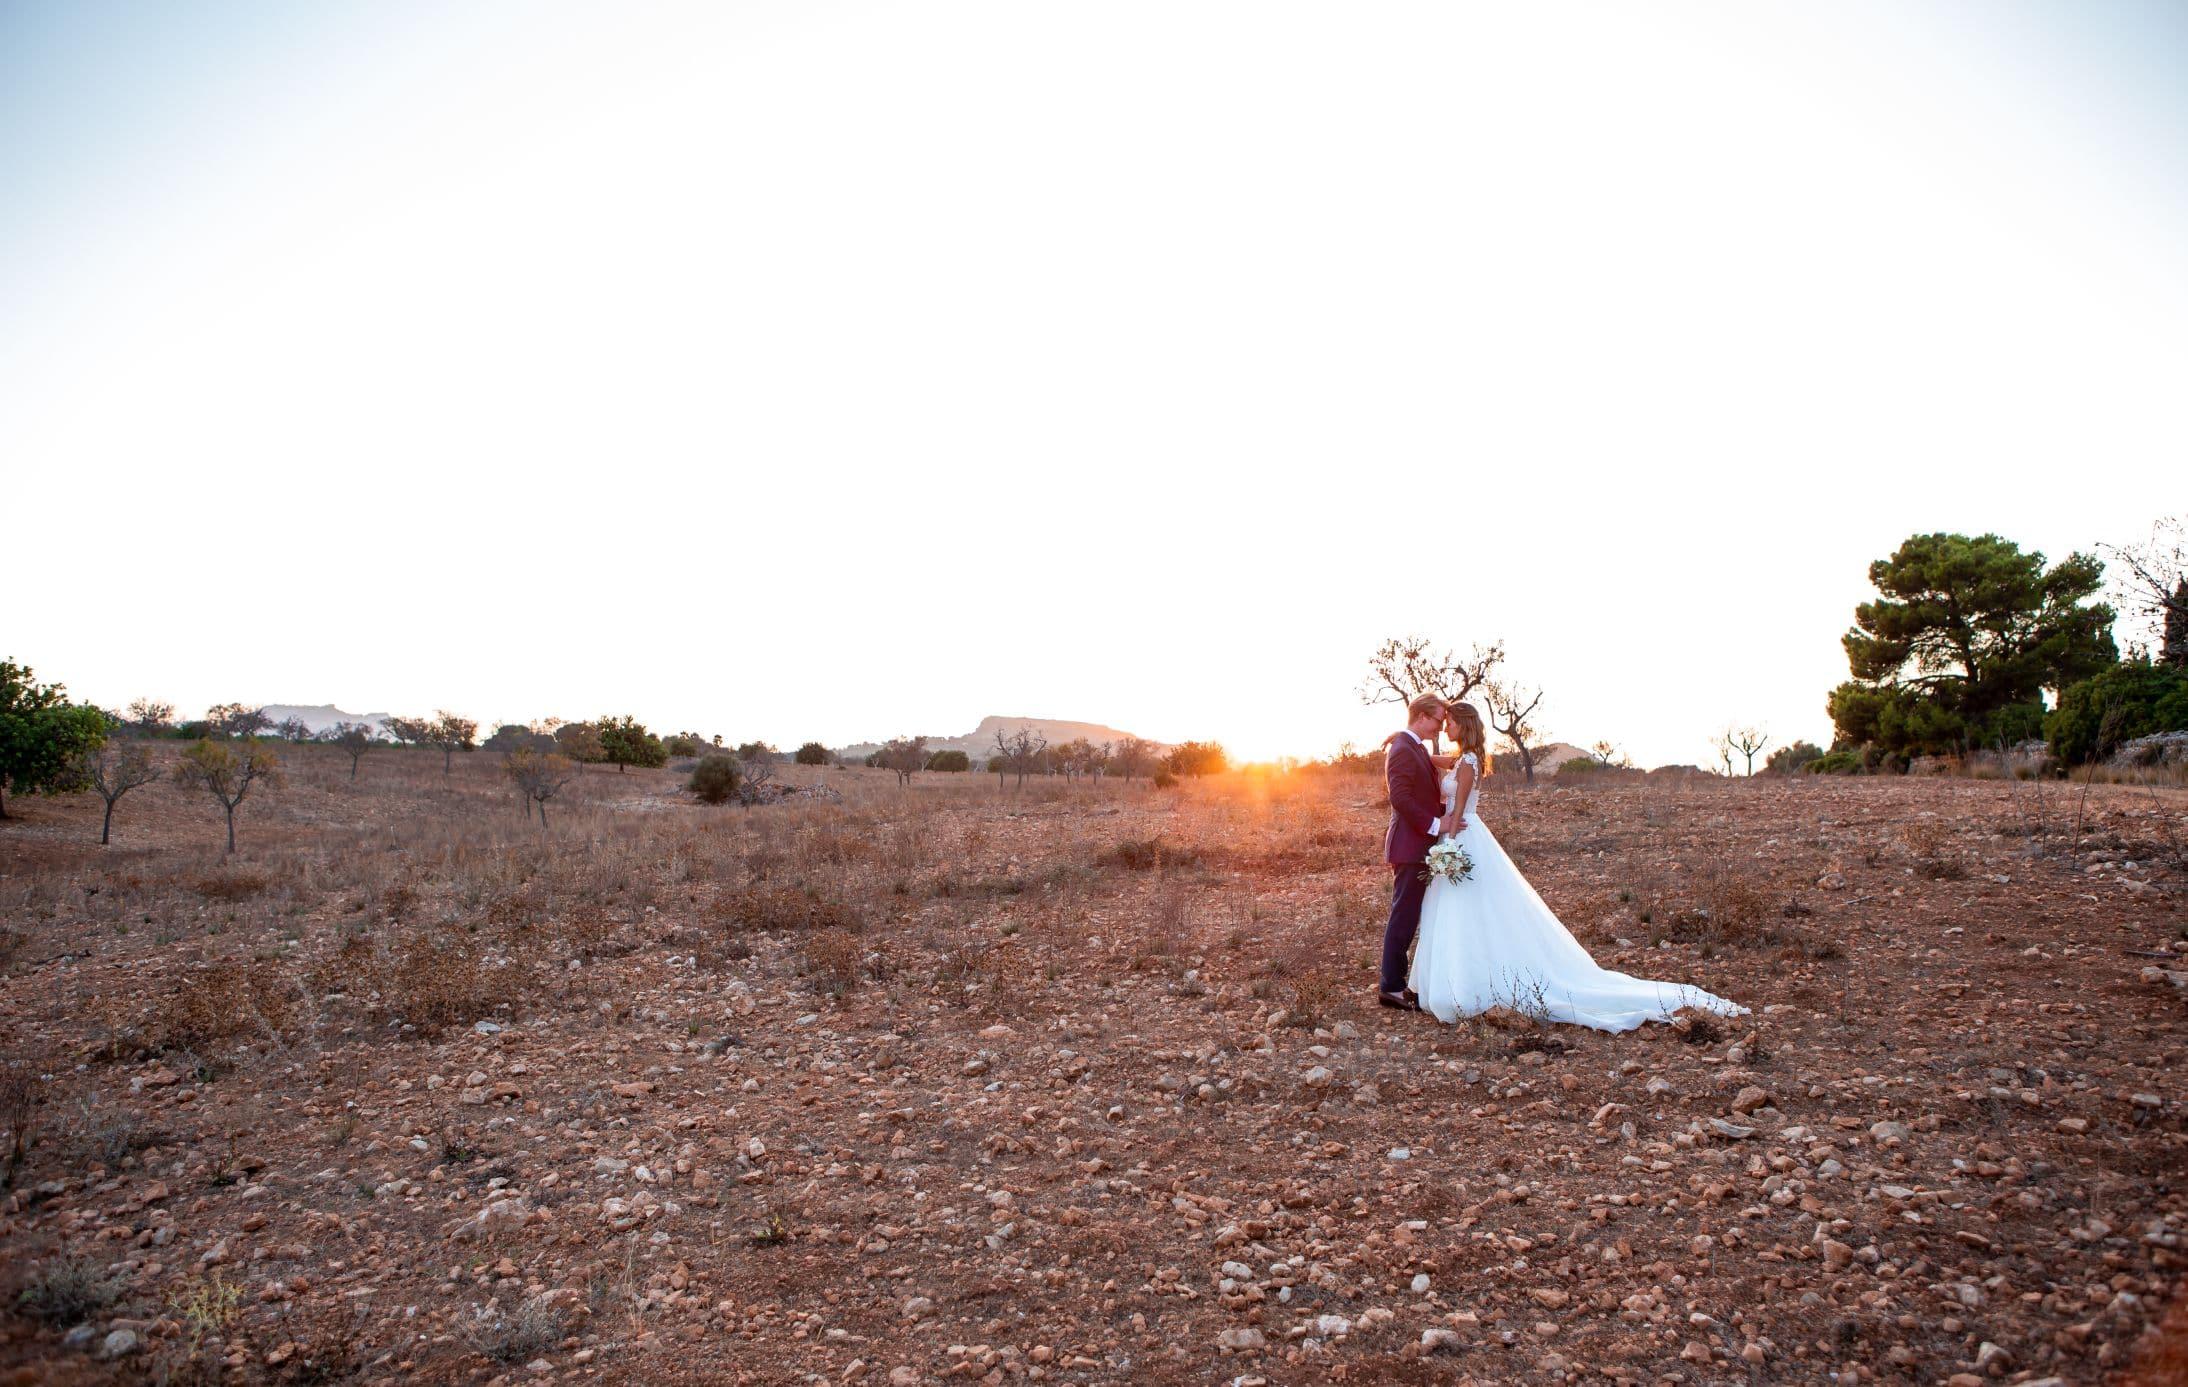 Million Memories_S&J_Hochzeitsfotograf_Mallorca_Spain_Wedding_Spanien Hochzeit_Balearen_Balearic islands_147